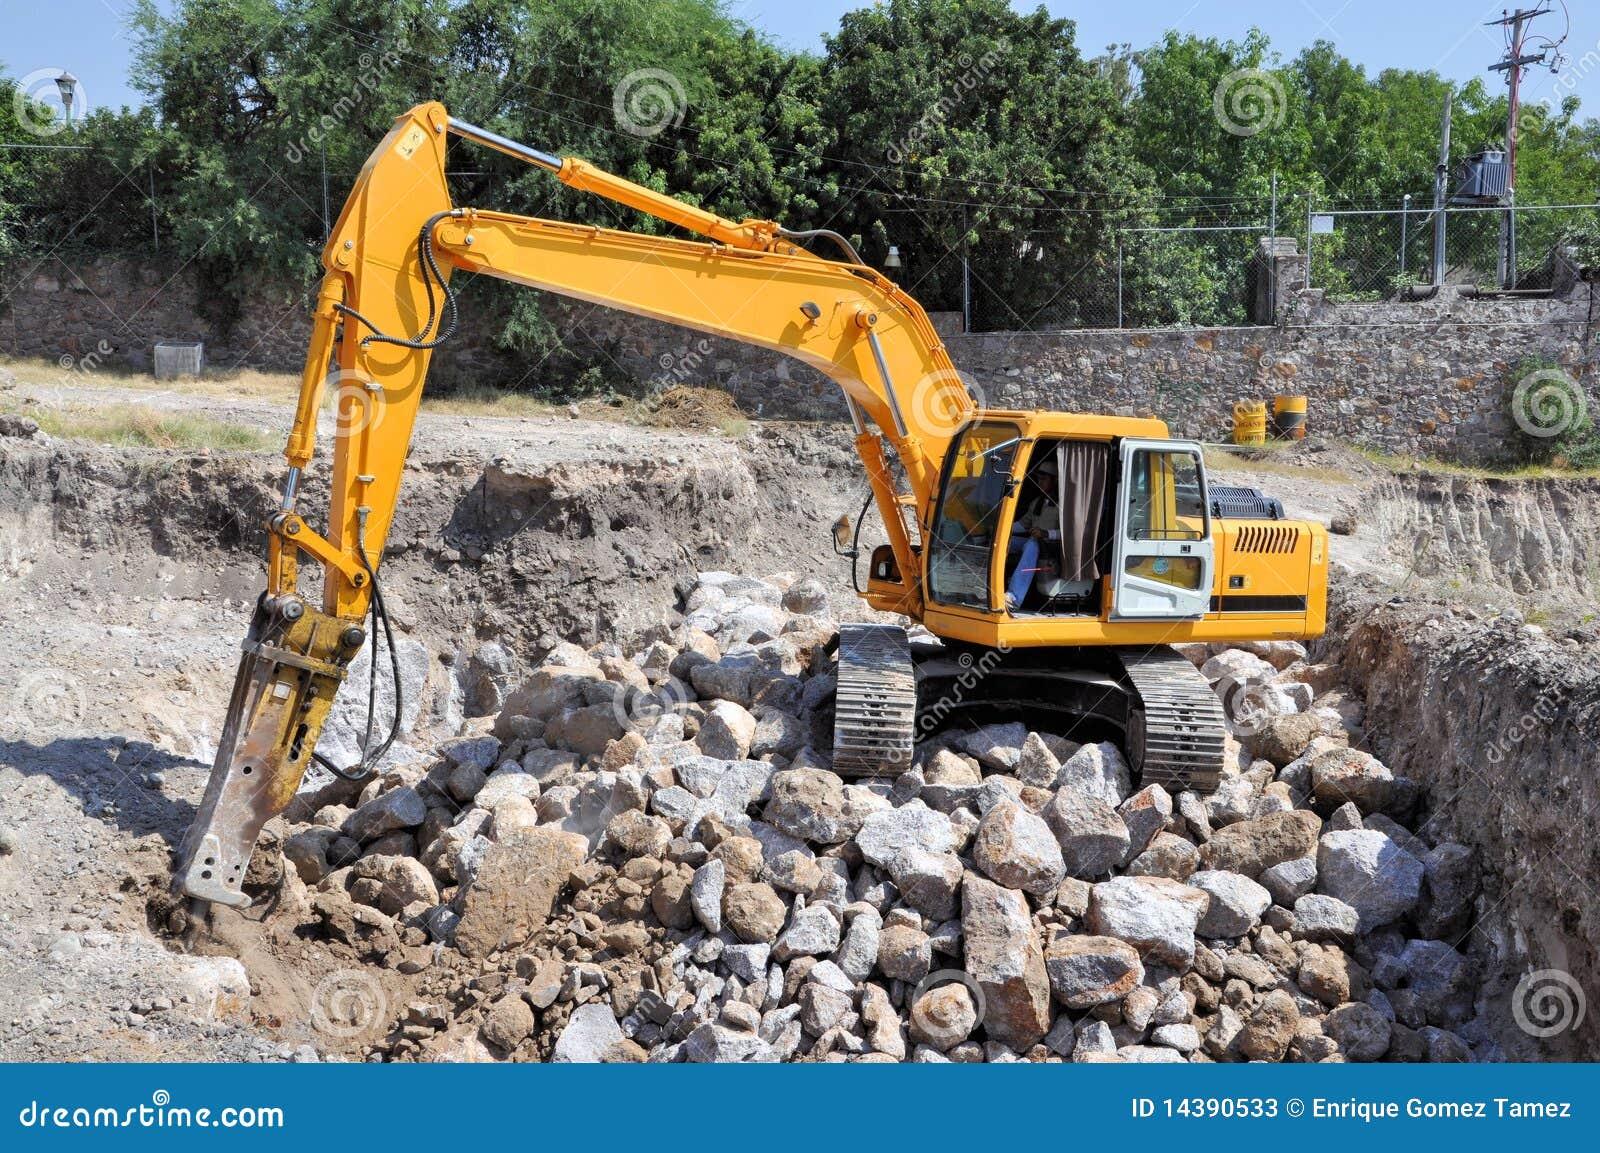 Rock excavator